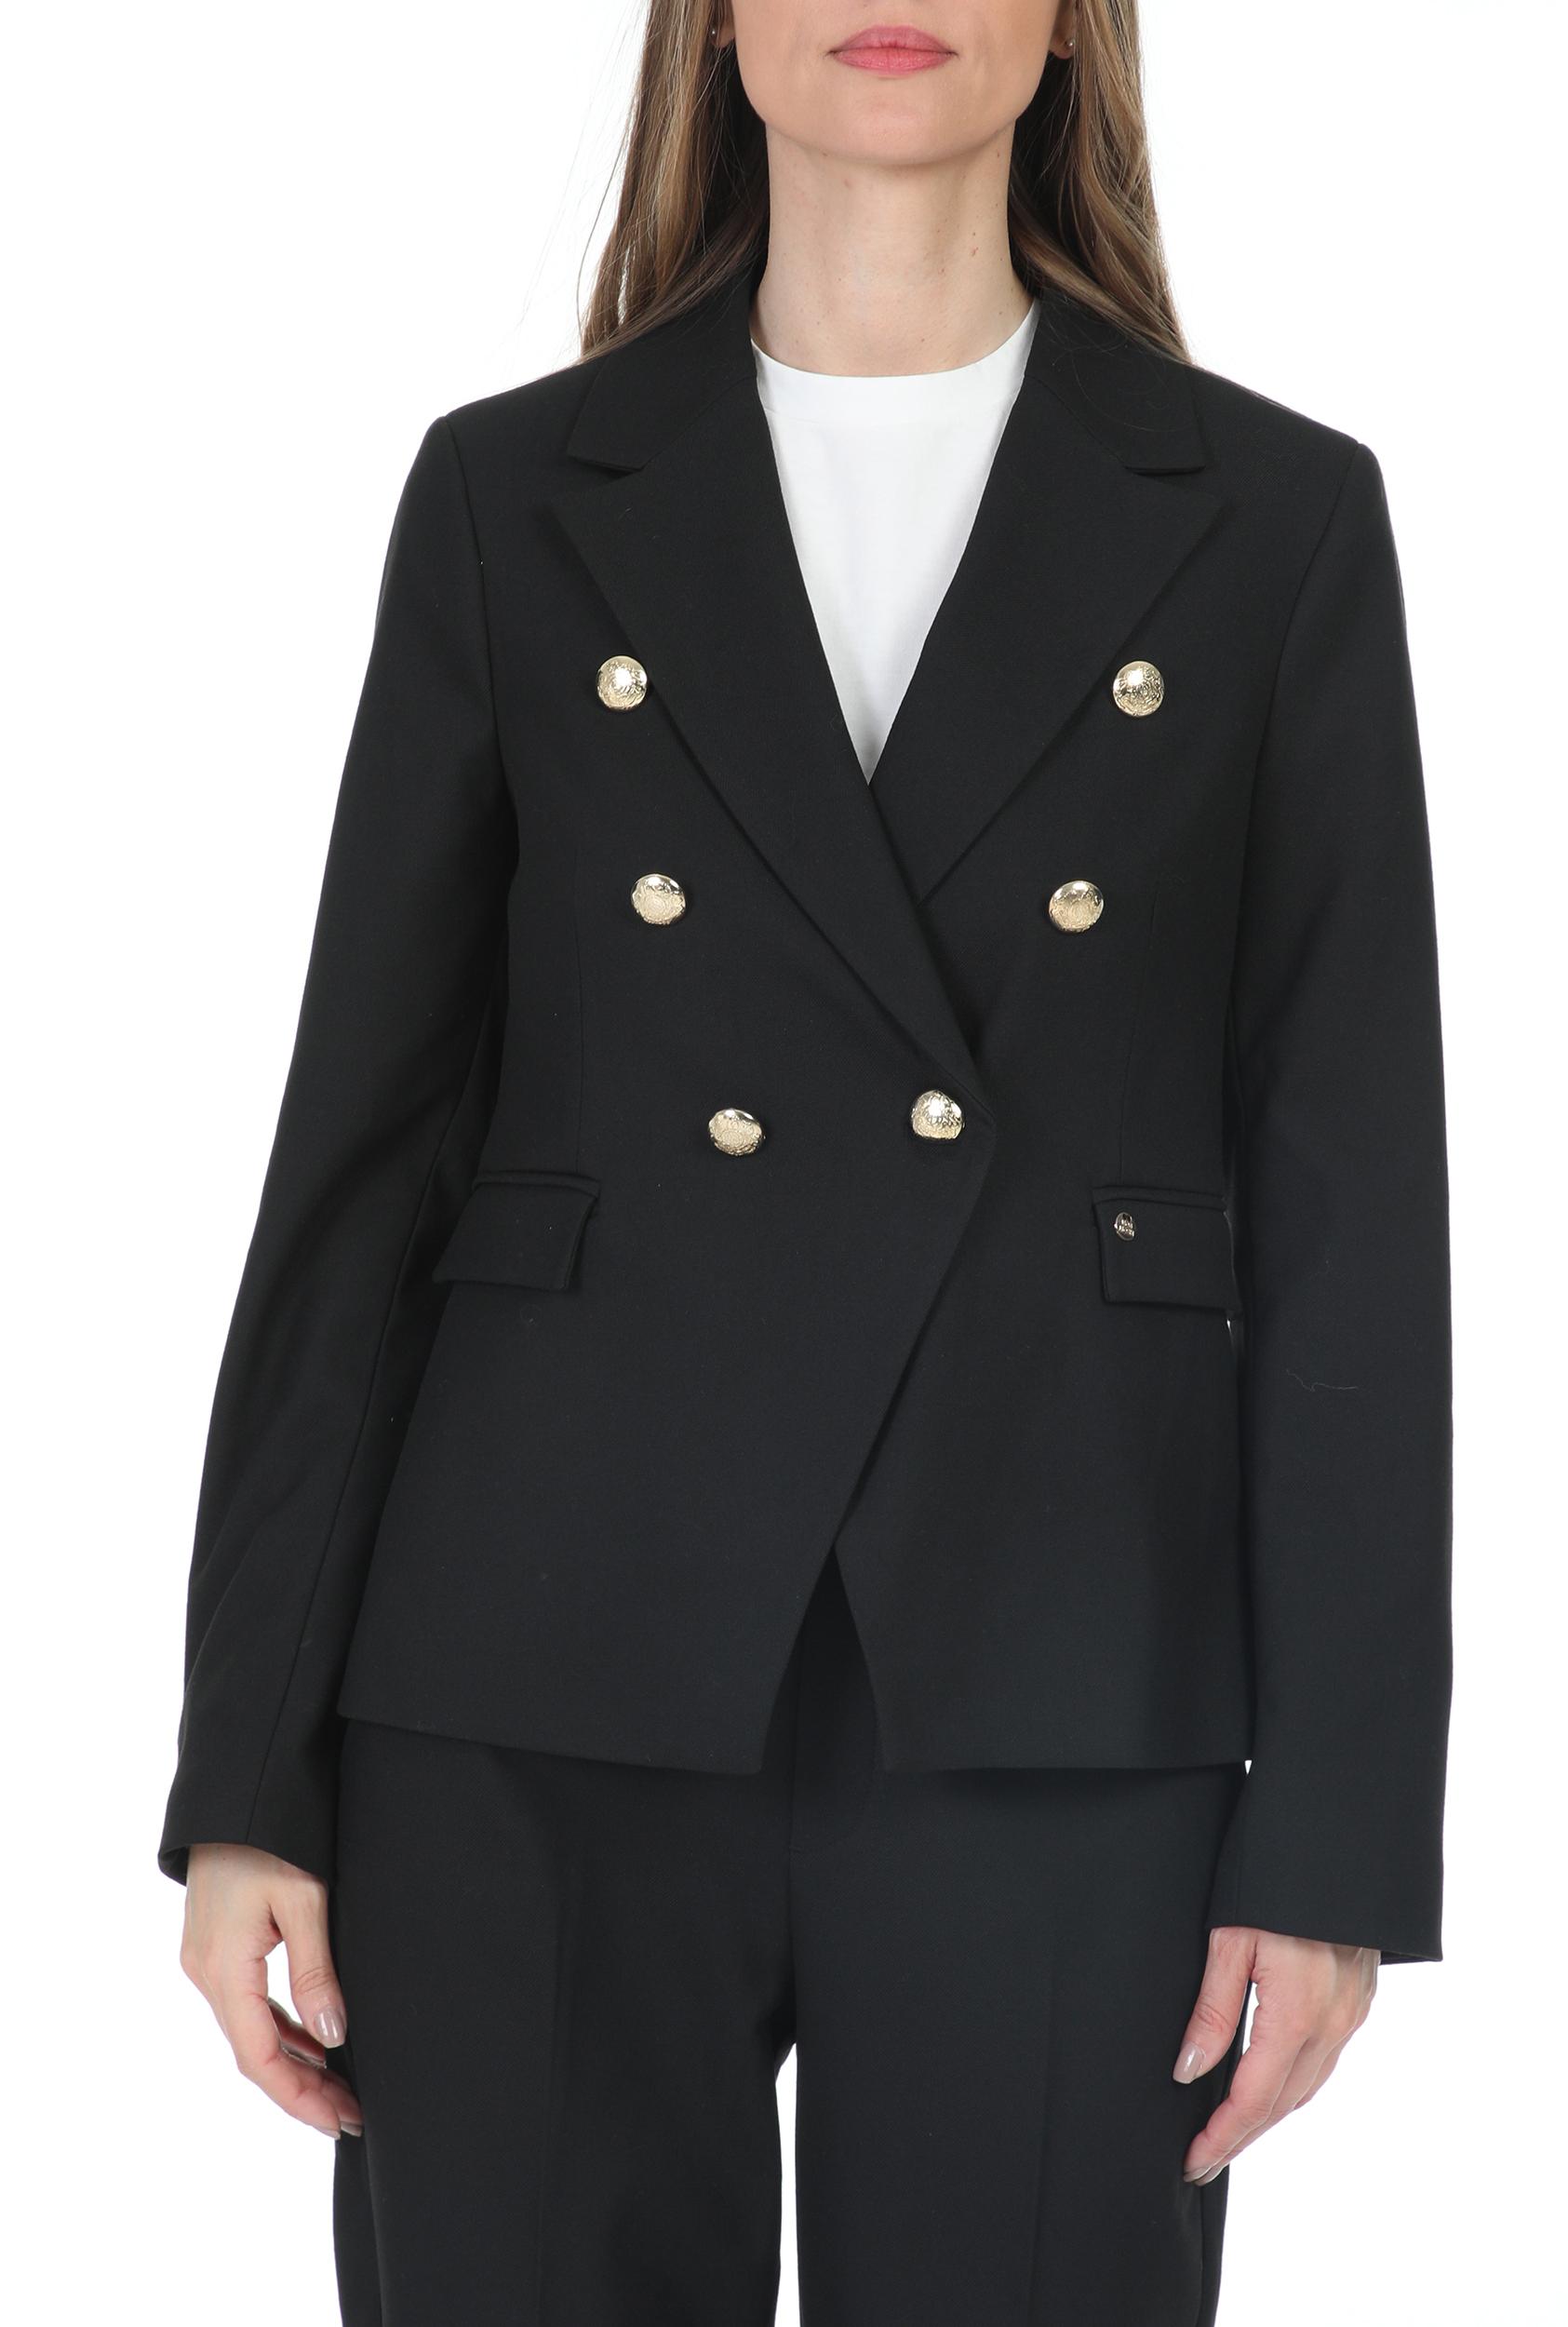 MOS MOSH - Γυναικείο σακάκι MOS MOSH Beliz Twiggy Blazer μάυρο